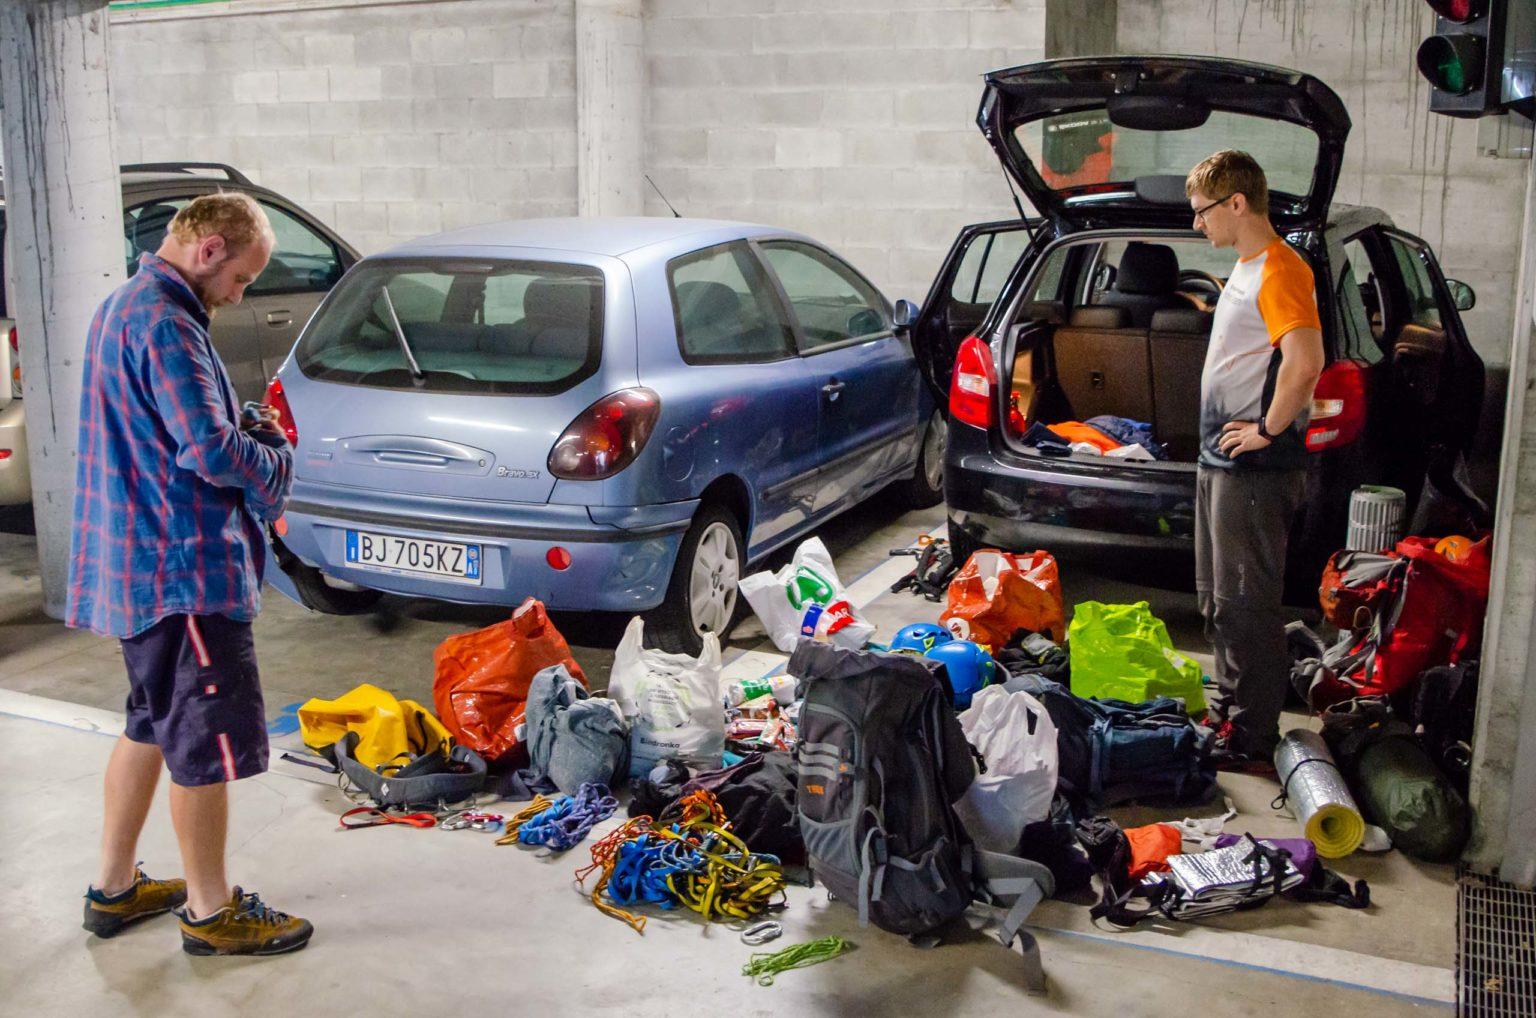 Dwóch mężczyzn stoi przy rzeczach wyciągniętych z auta na parkingu